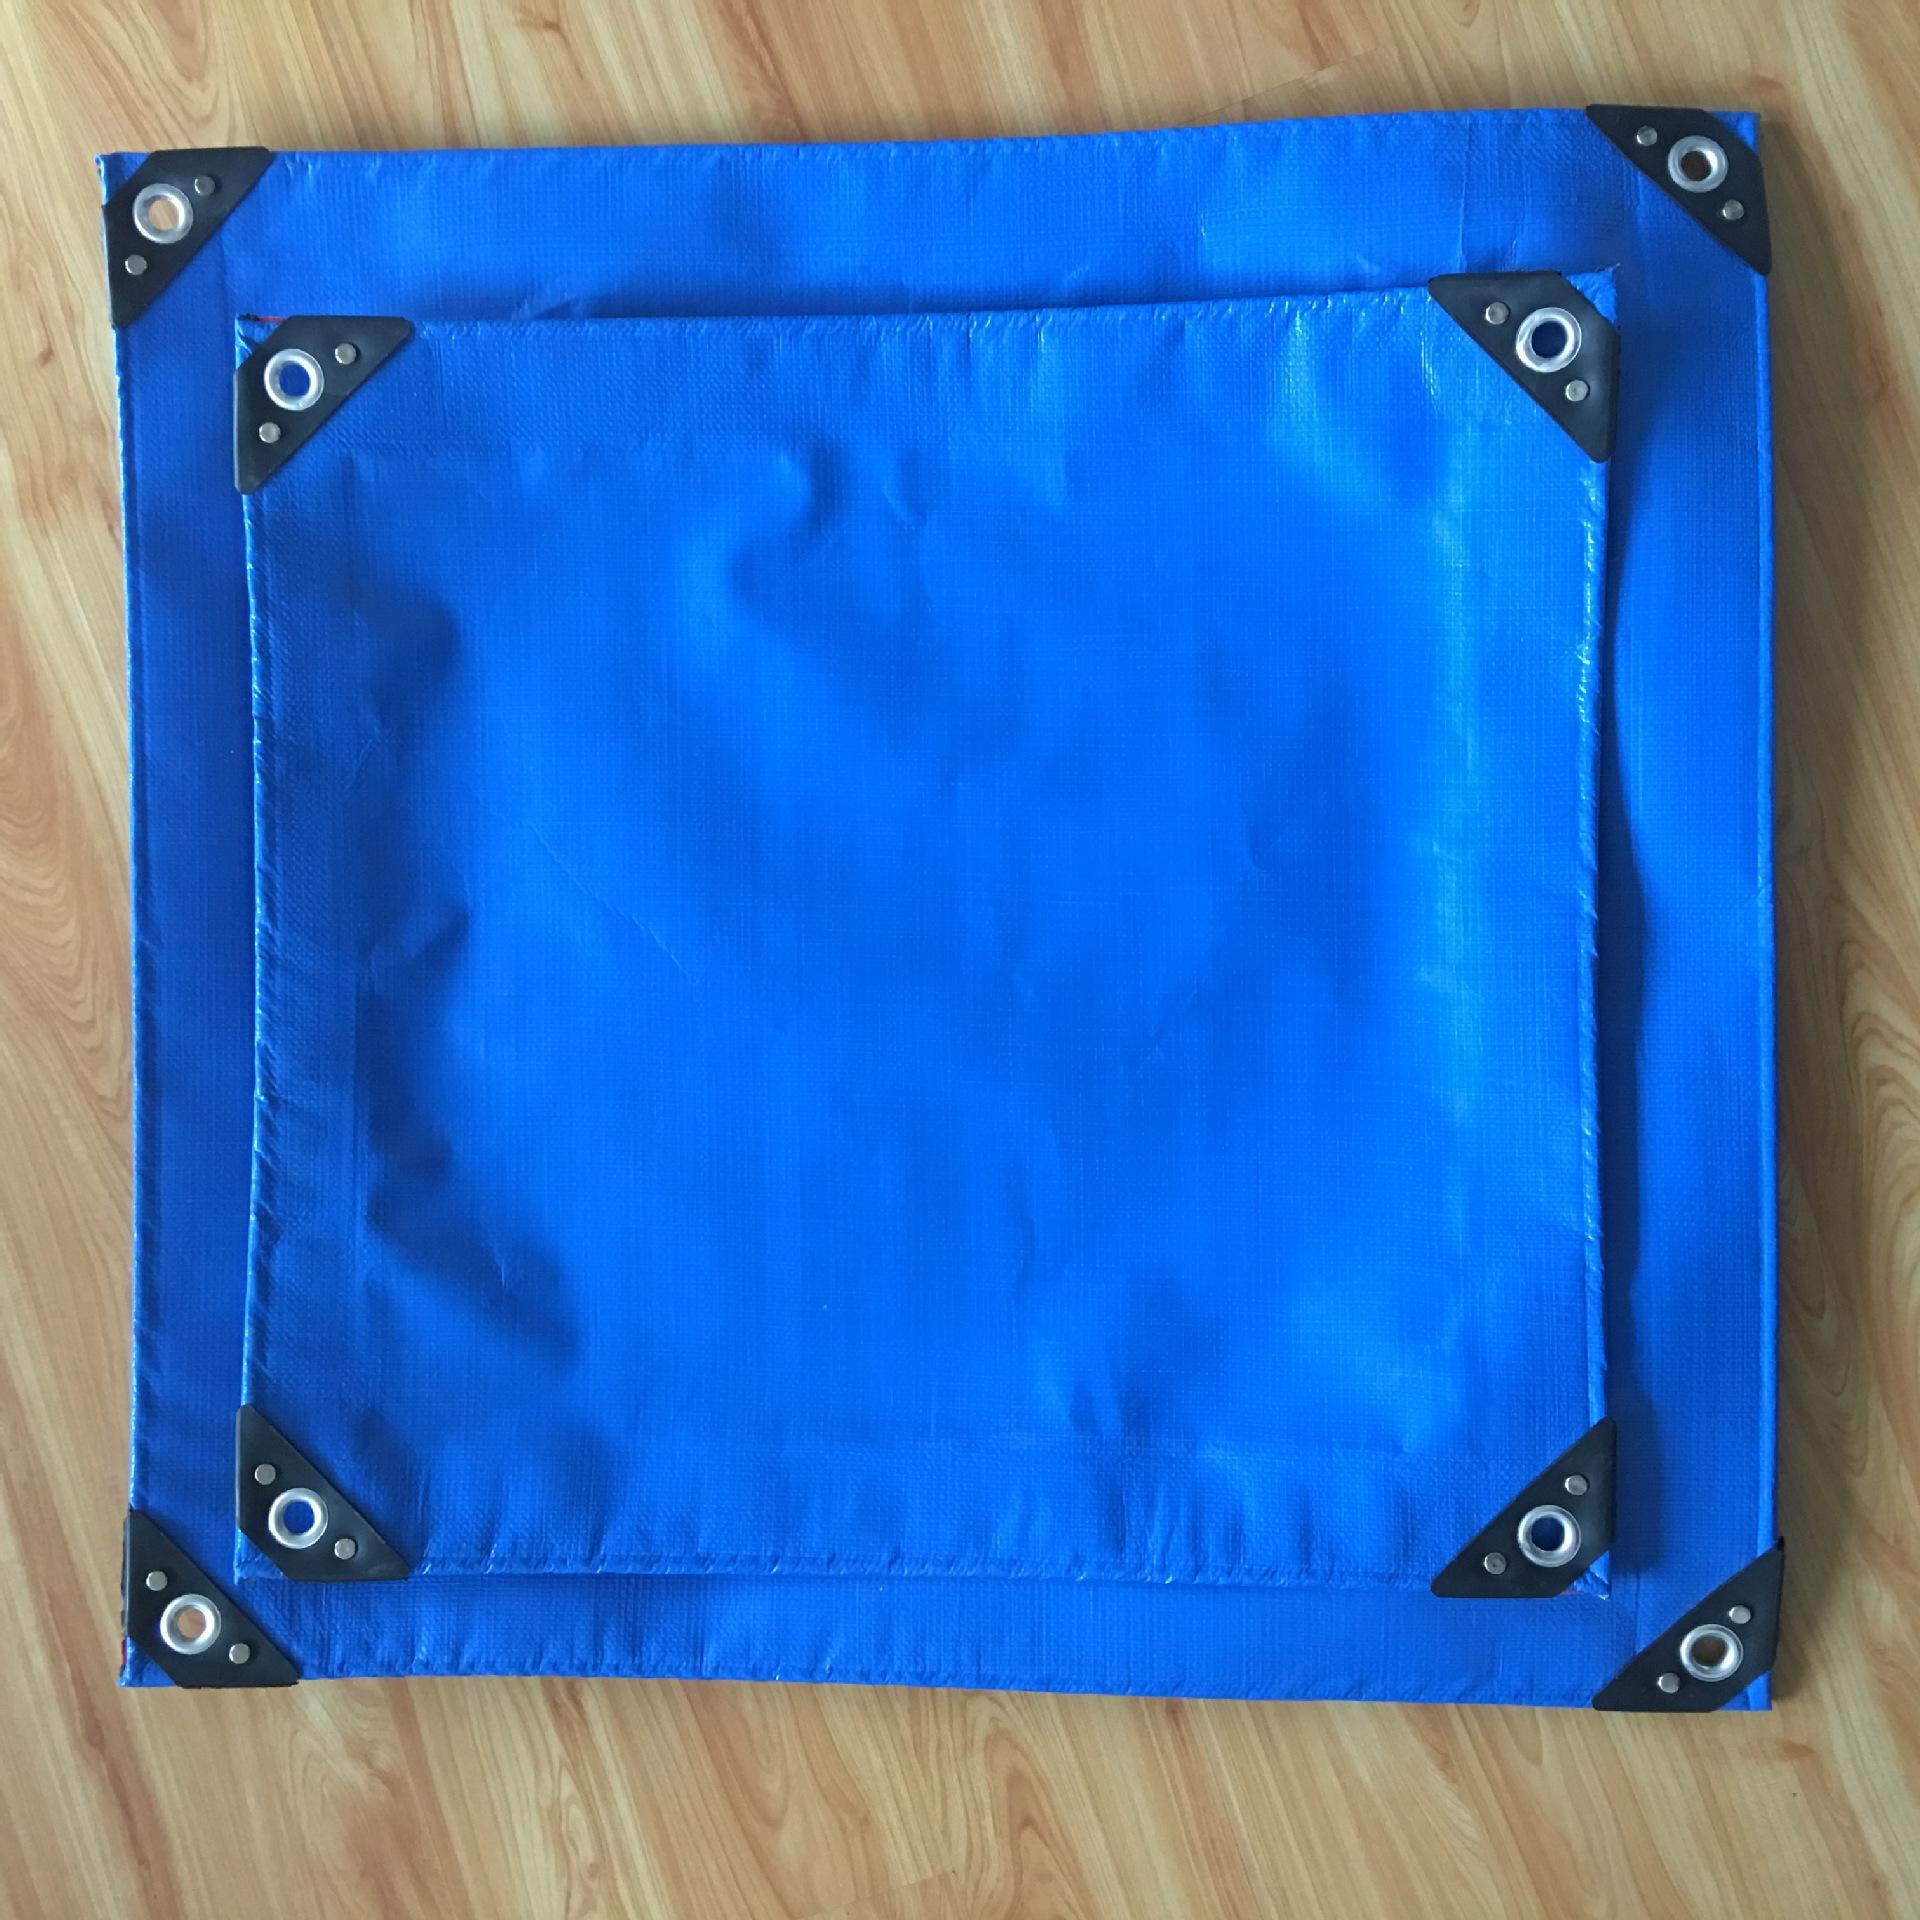 pe篷布 防雨布 定制尺寸户外防水防尘塑料编织布